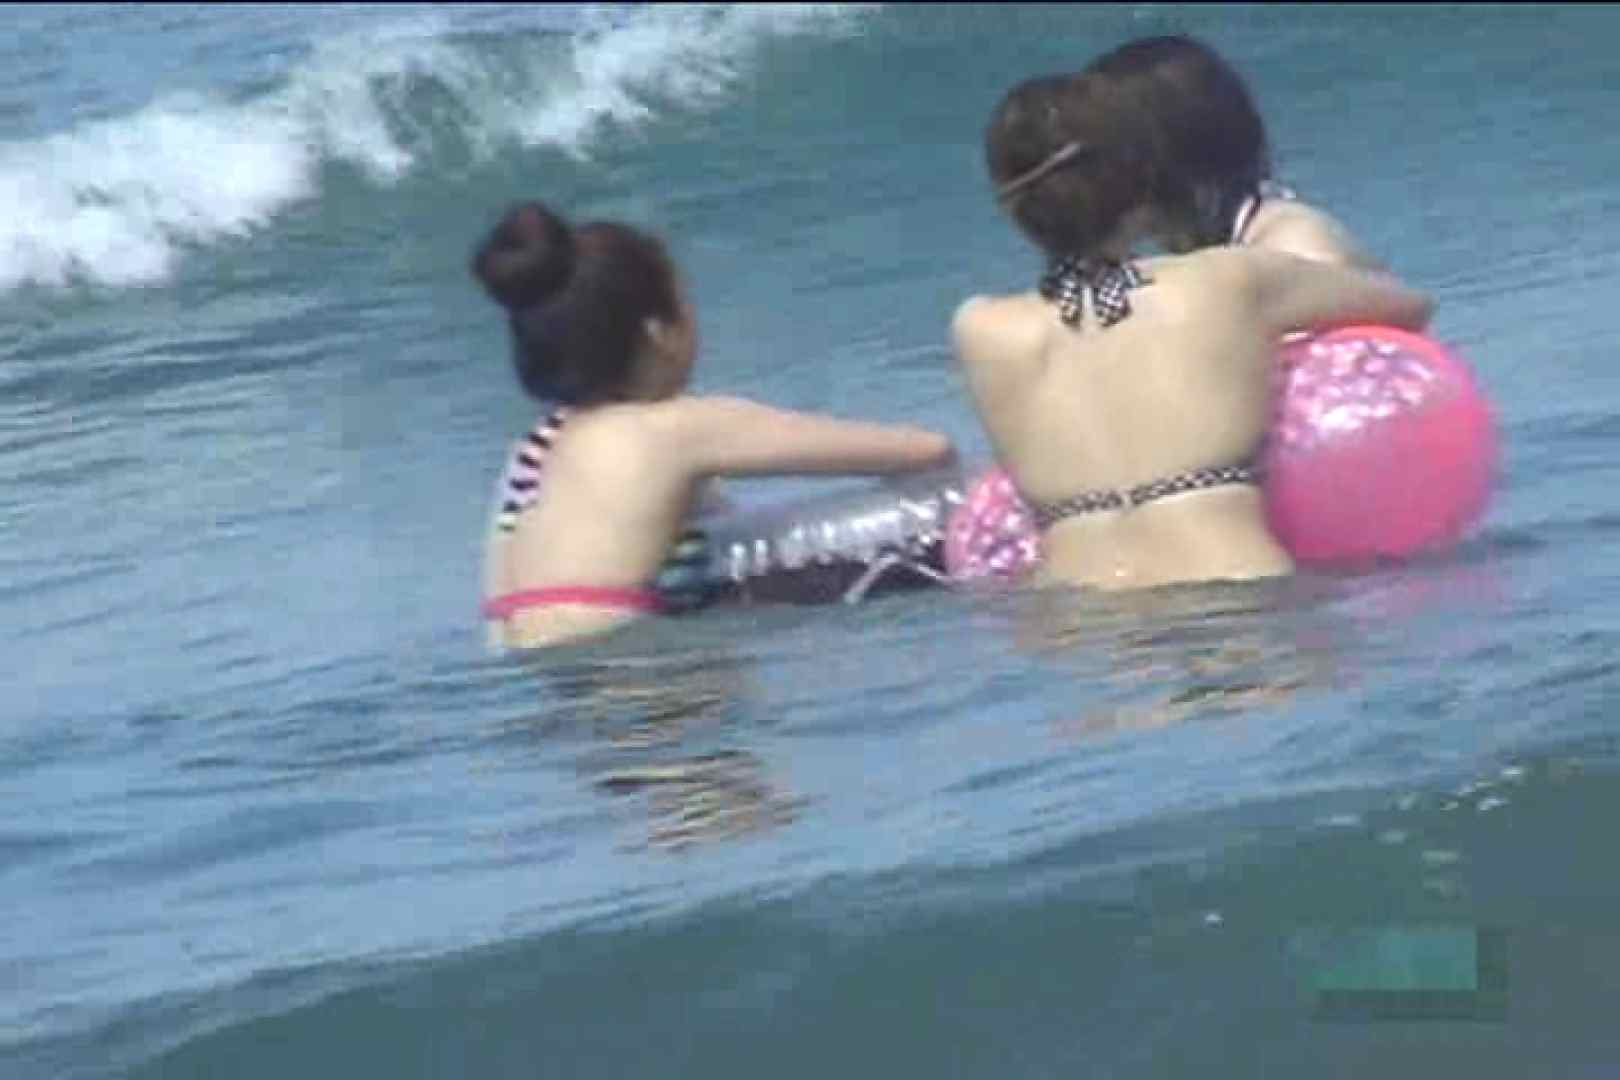 真夏のビーチは危険地帯Vol.3 エロティックなOL セックス無修正動画無料 79画像 32